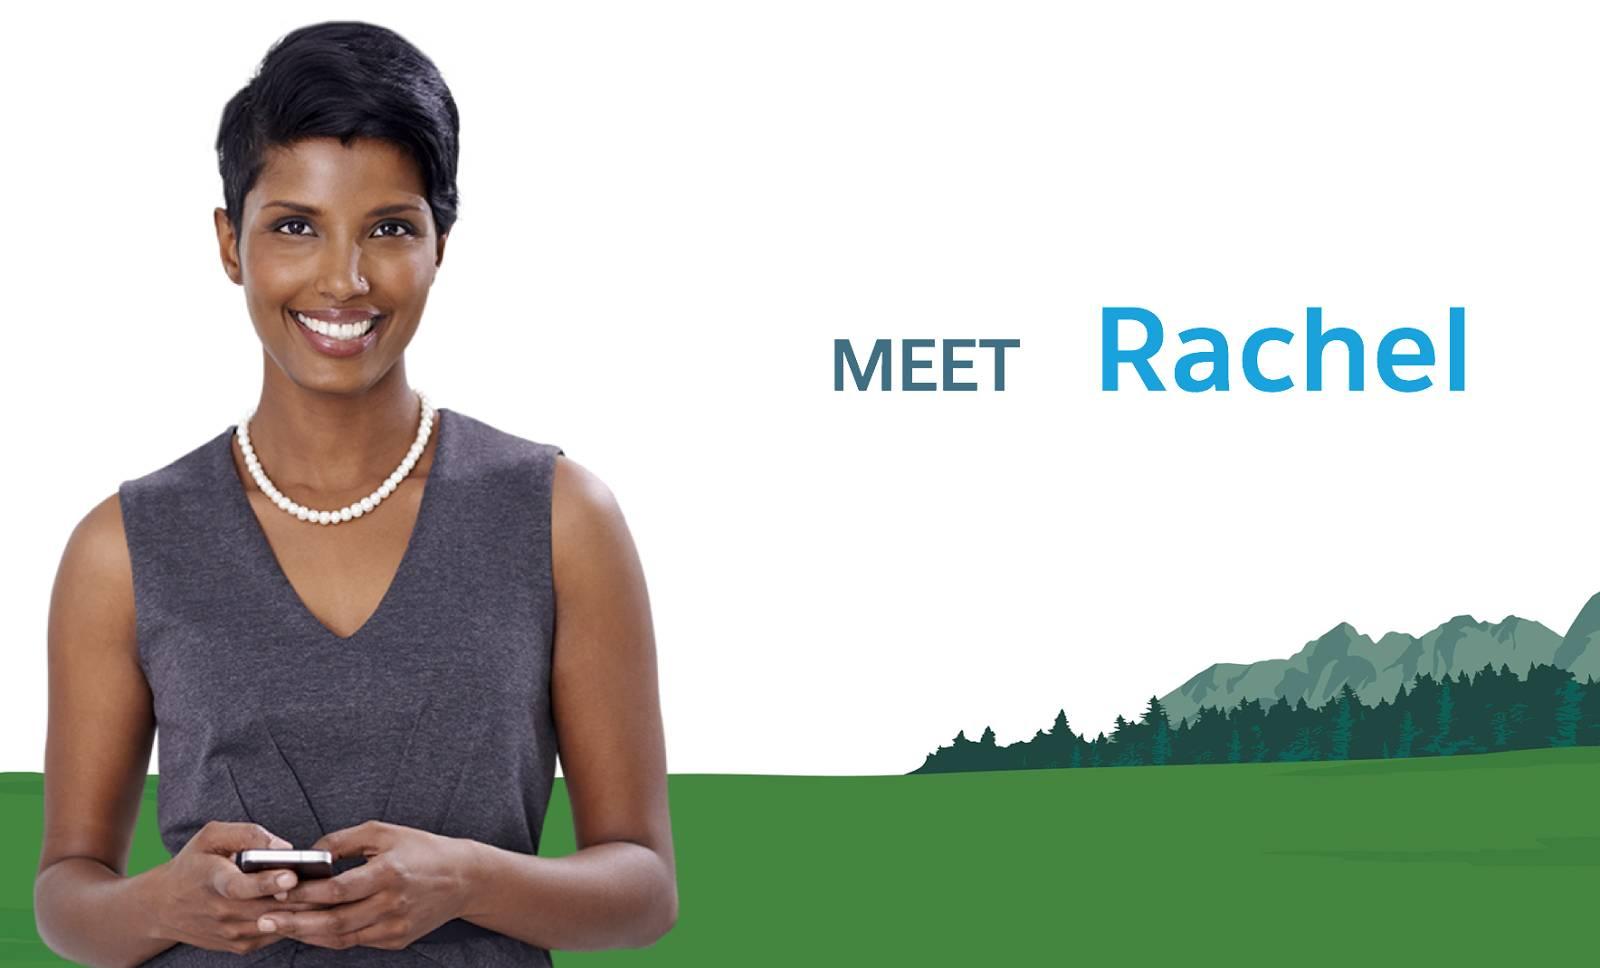 """Photo of Rachel with the caption """"Meet Rachel"""""""